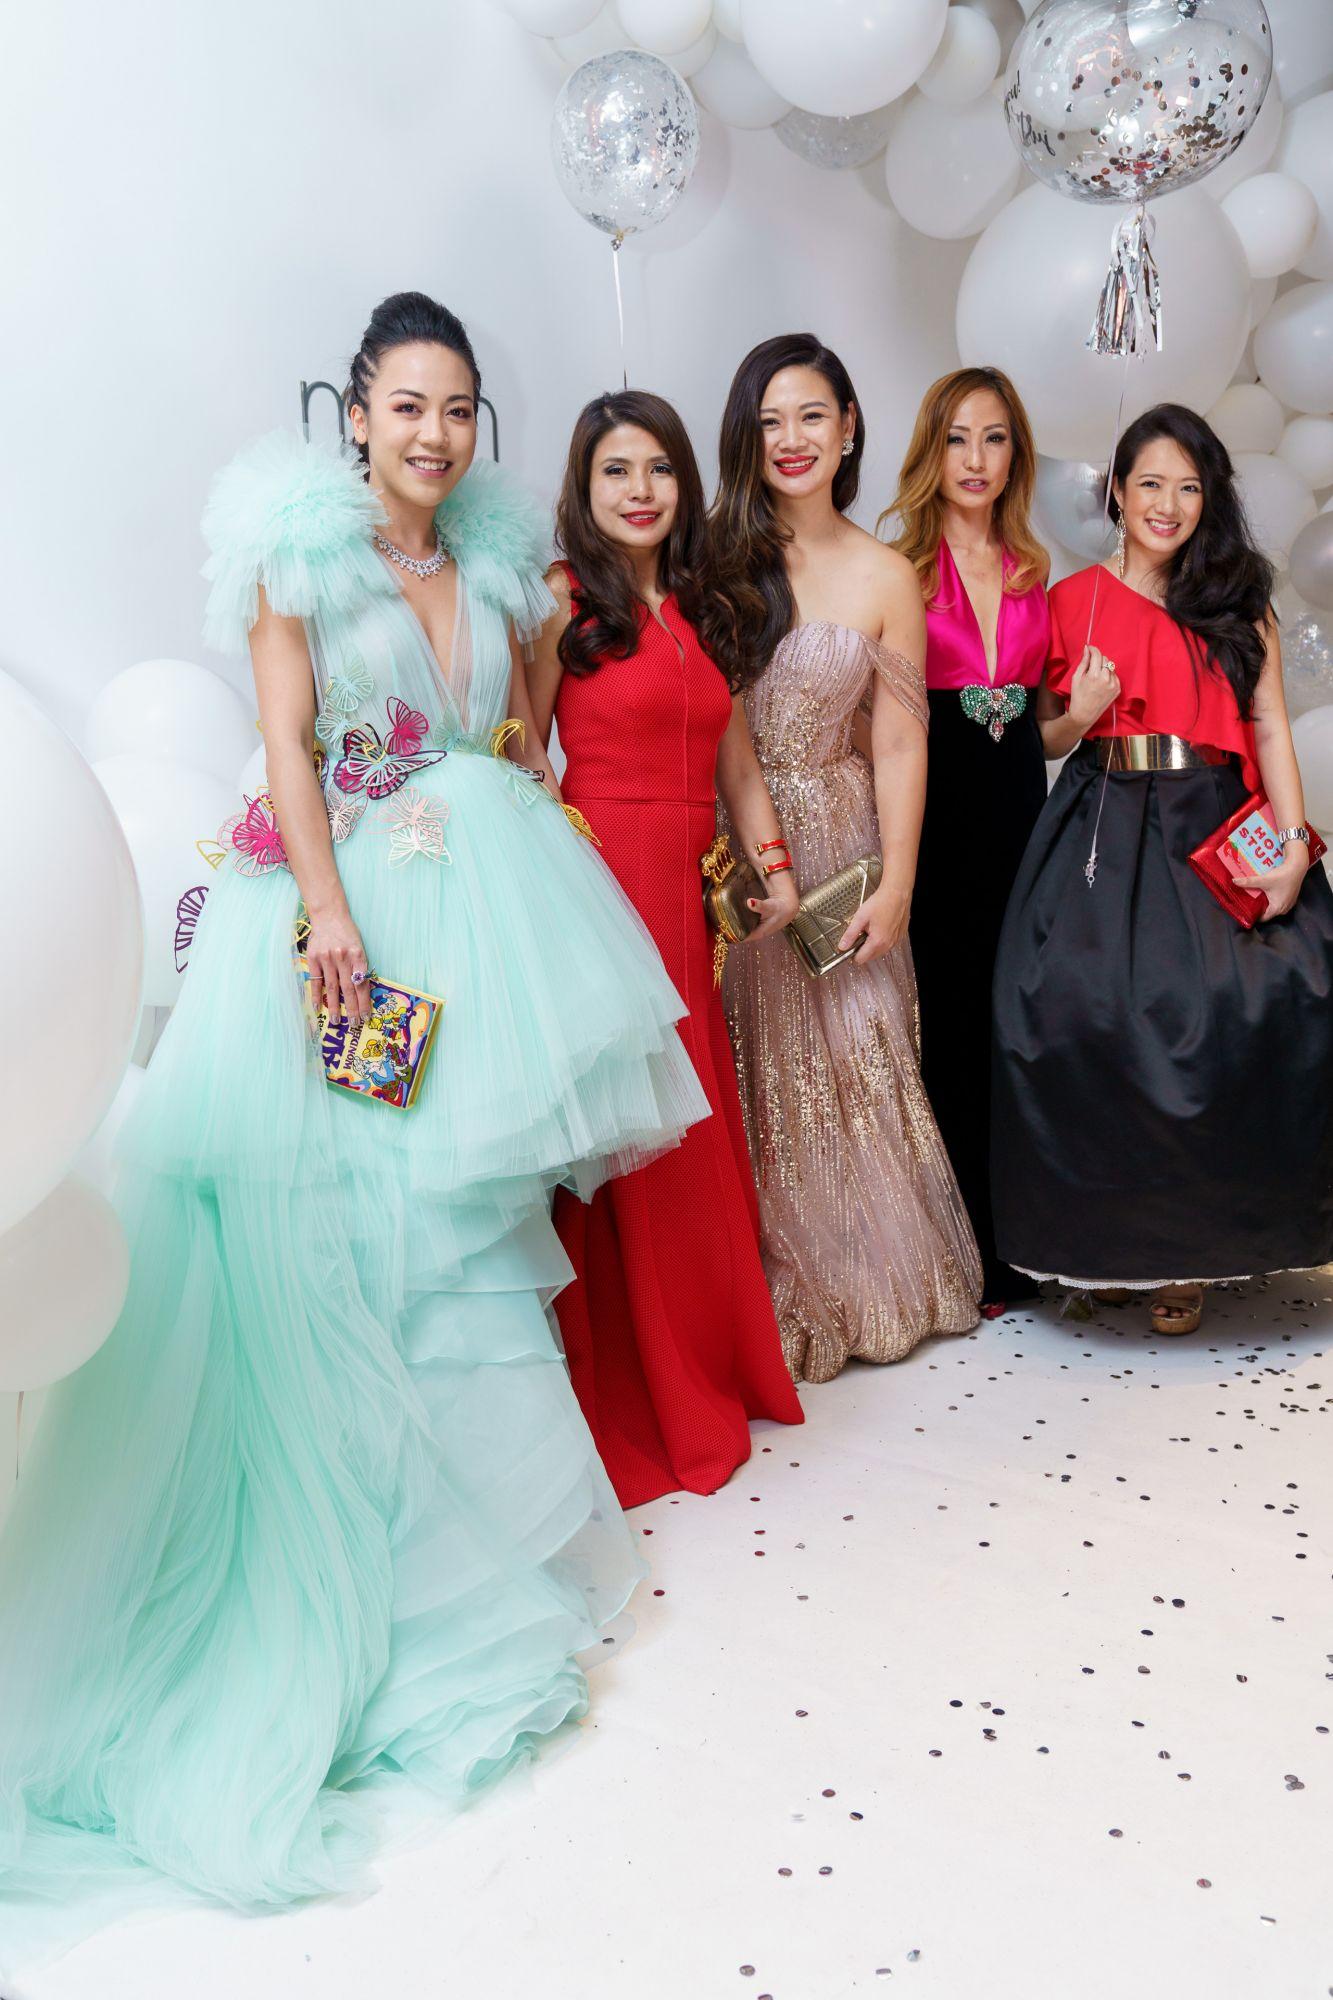 Carmen Ow, Marilyn Lum, Tjin Lee, Tan Min-Li, Elaine Kim